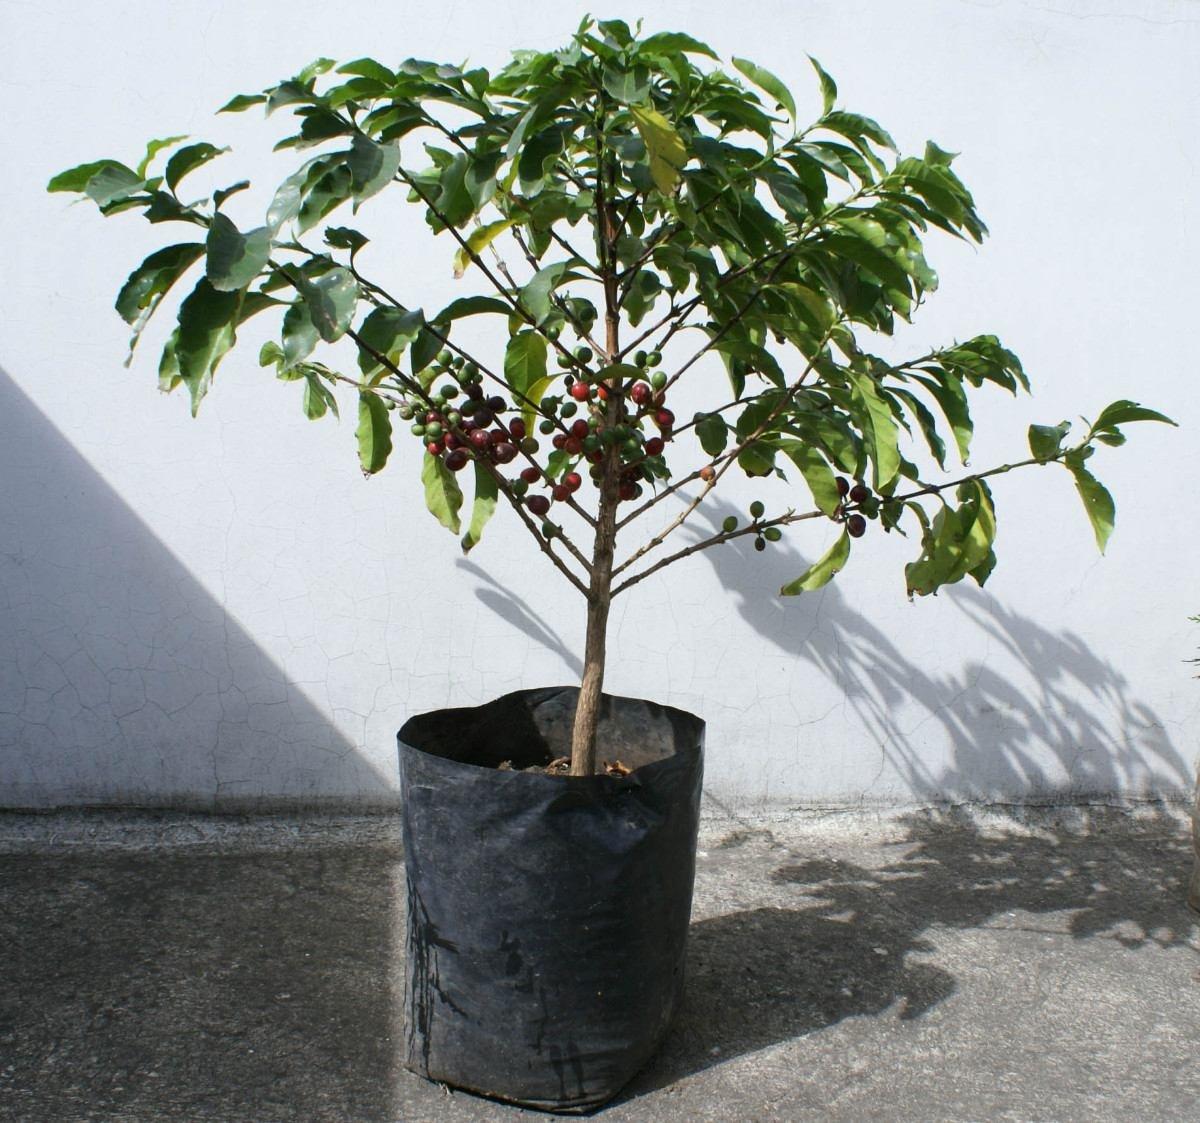 Una planta arbusto de cafe bien desarollado todo ecuador for Plantas ornamentales del ecuador